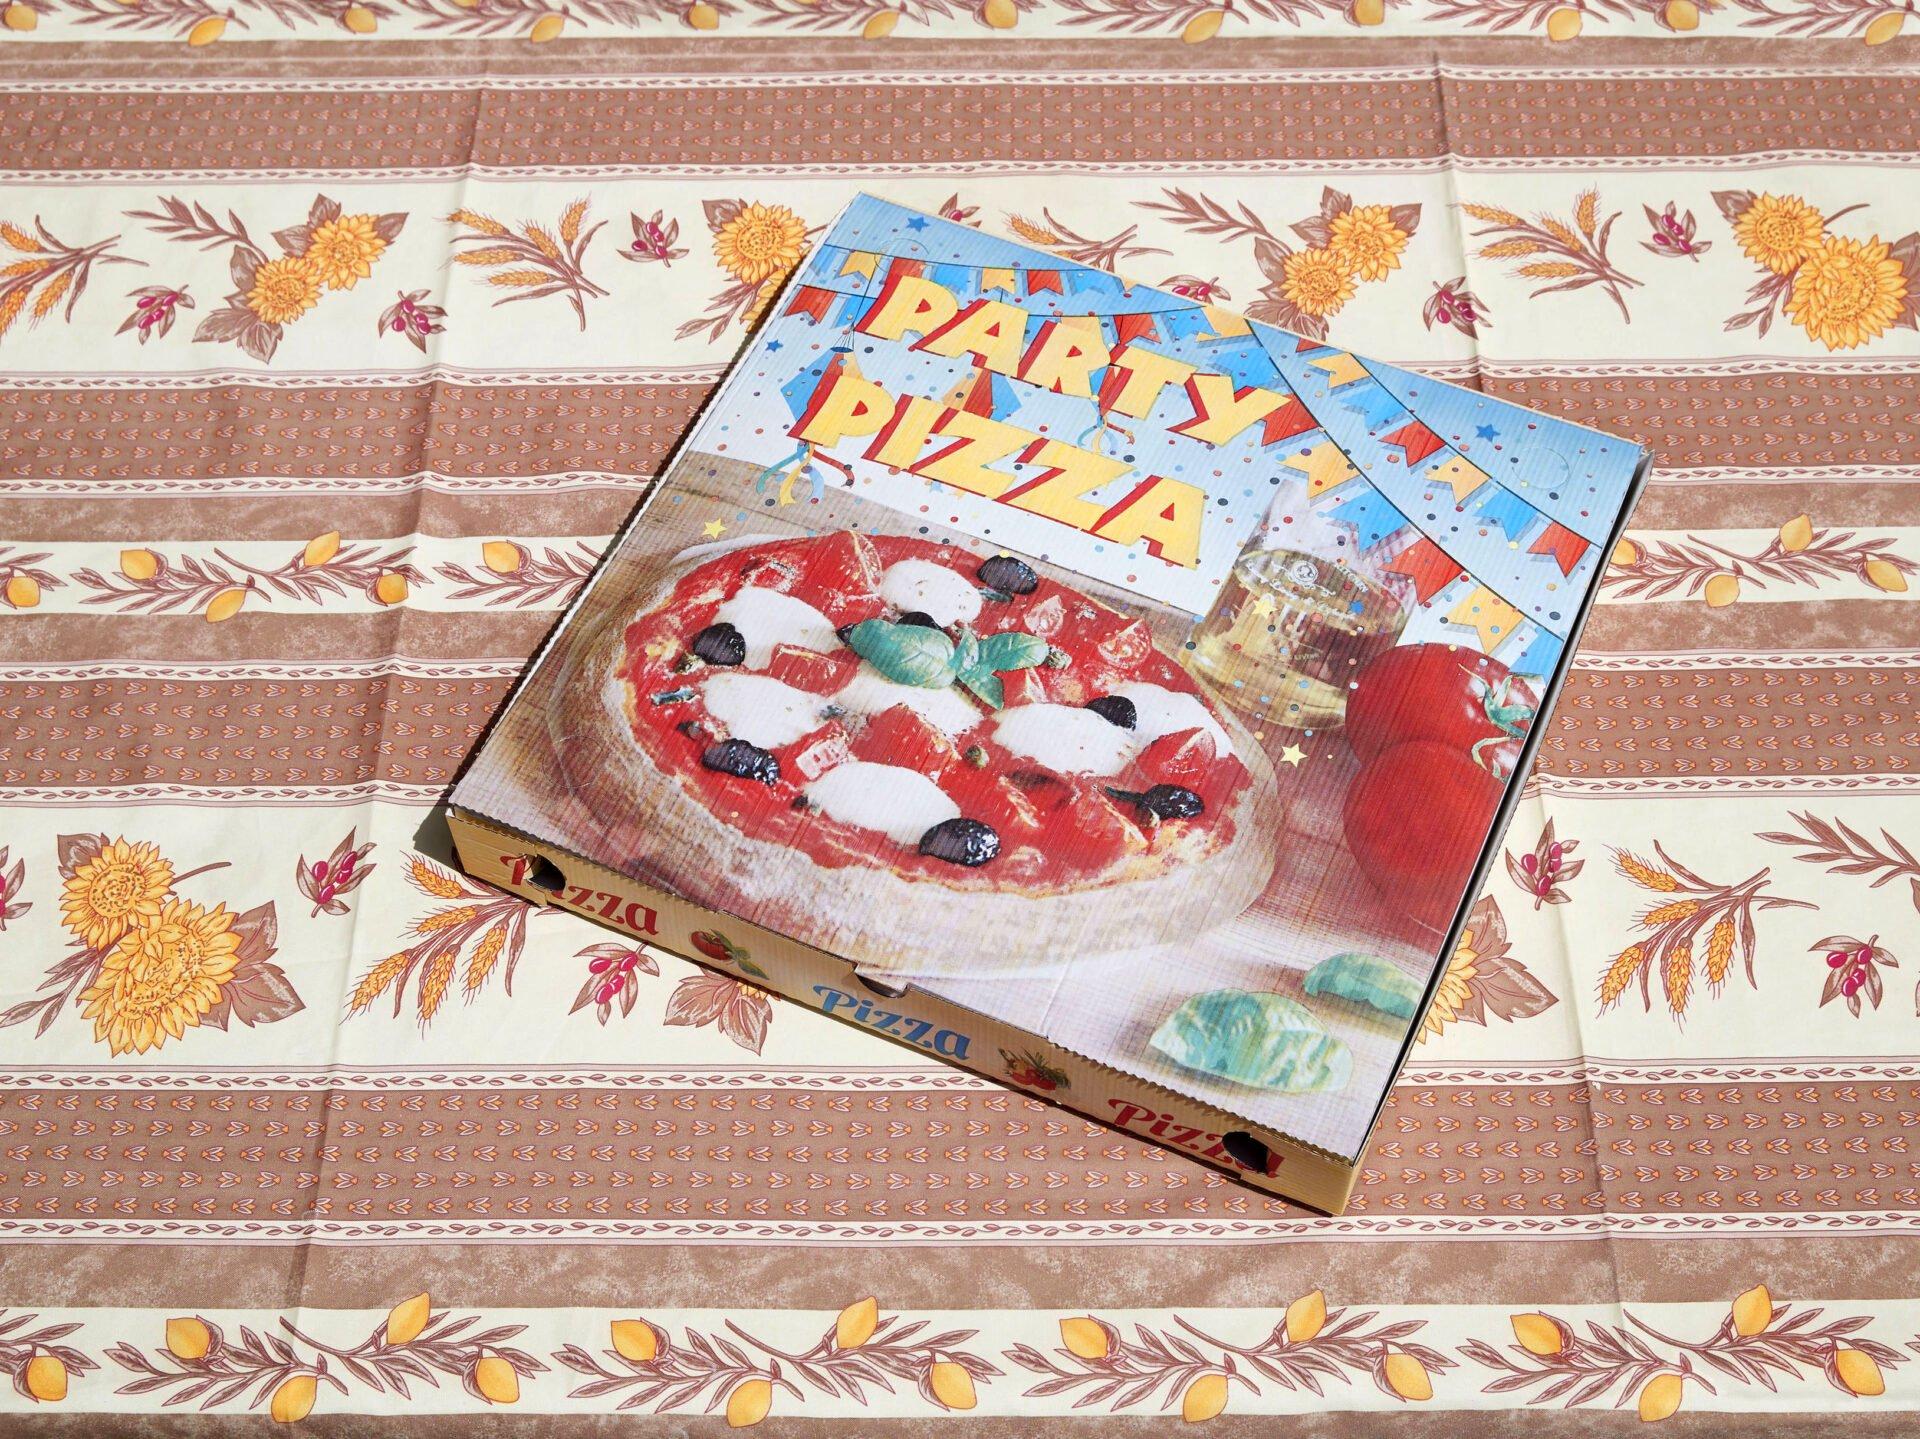 جعبه پیتزای شلوغ